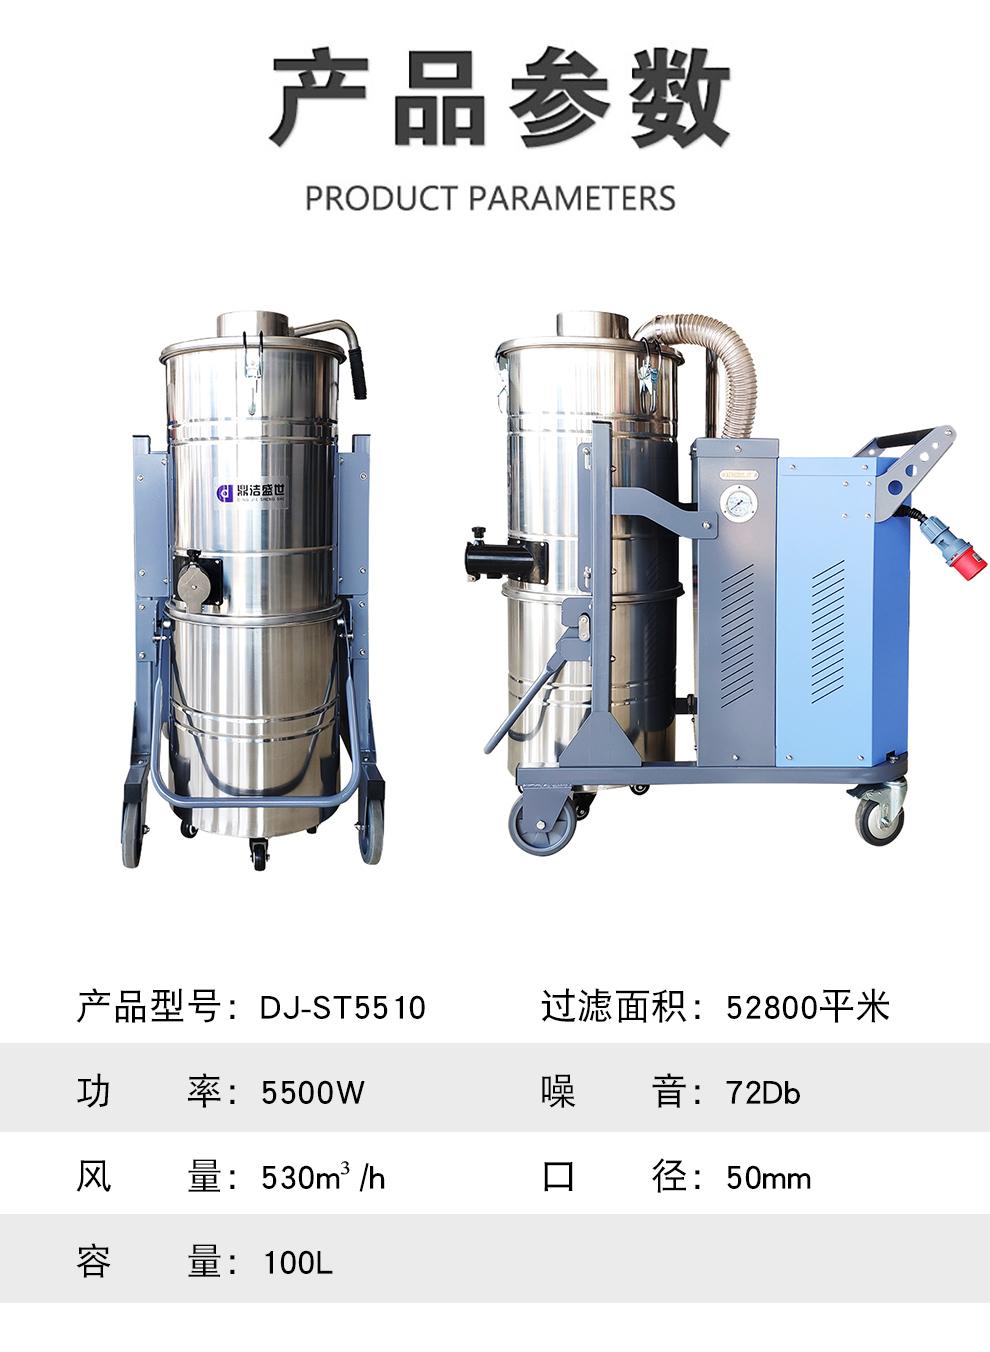 鼎洁盛世ST5510 大功率三相重型工业吸尘器详情_06